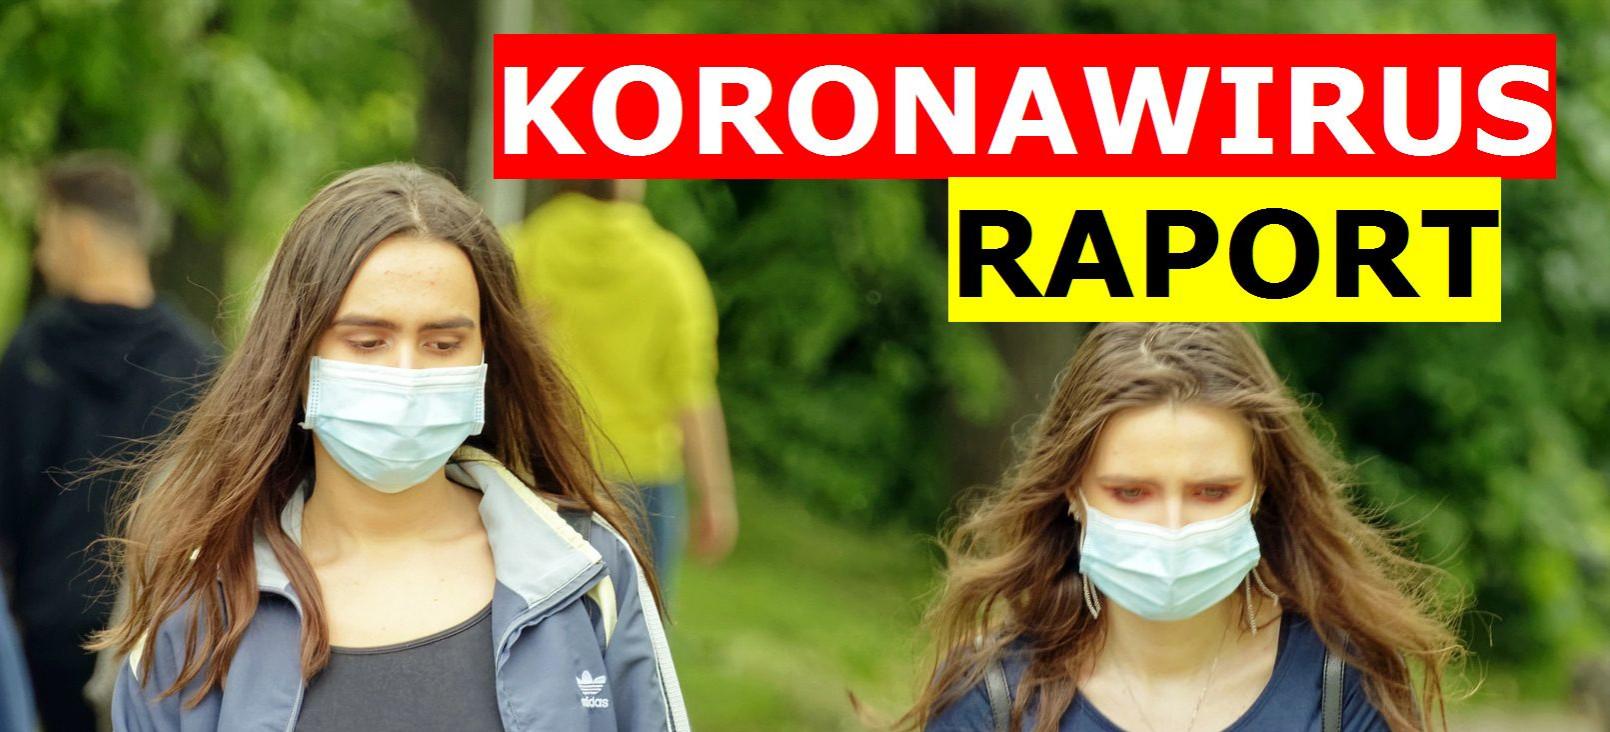 Znów wzrost zakażeń koronawirusem. Czy czeka nas ostry lockdown?